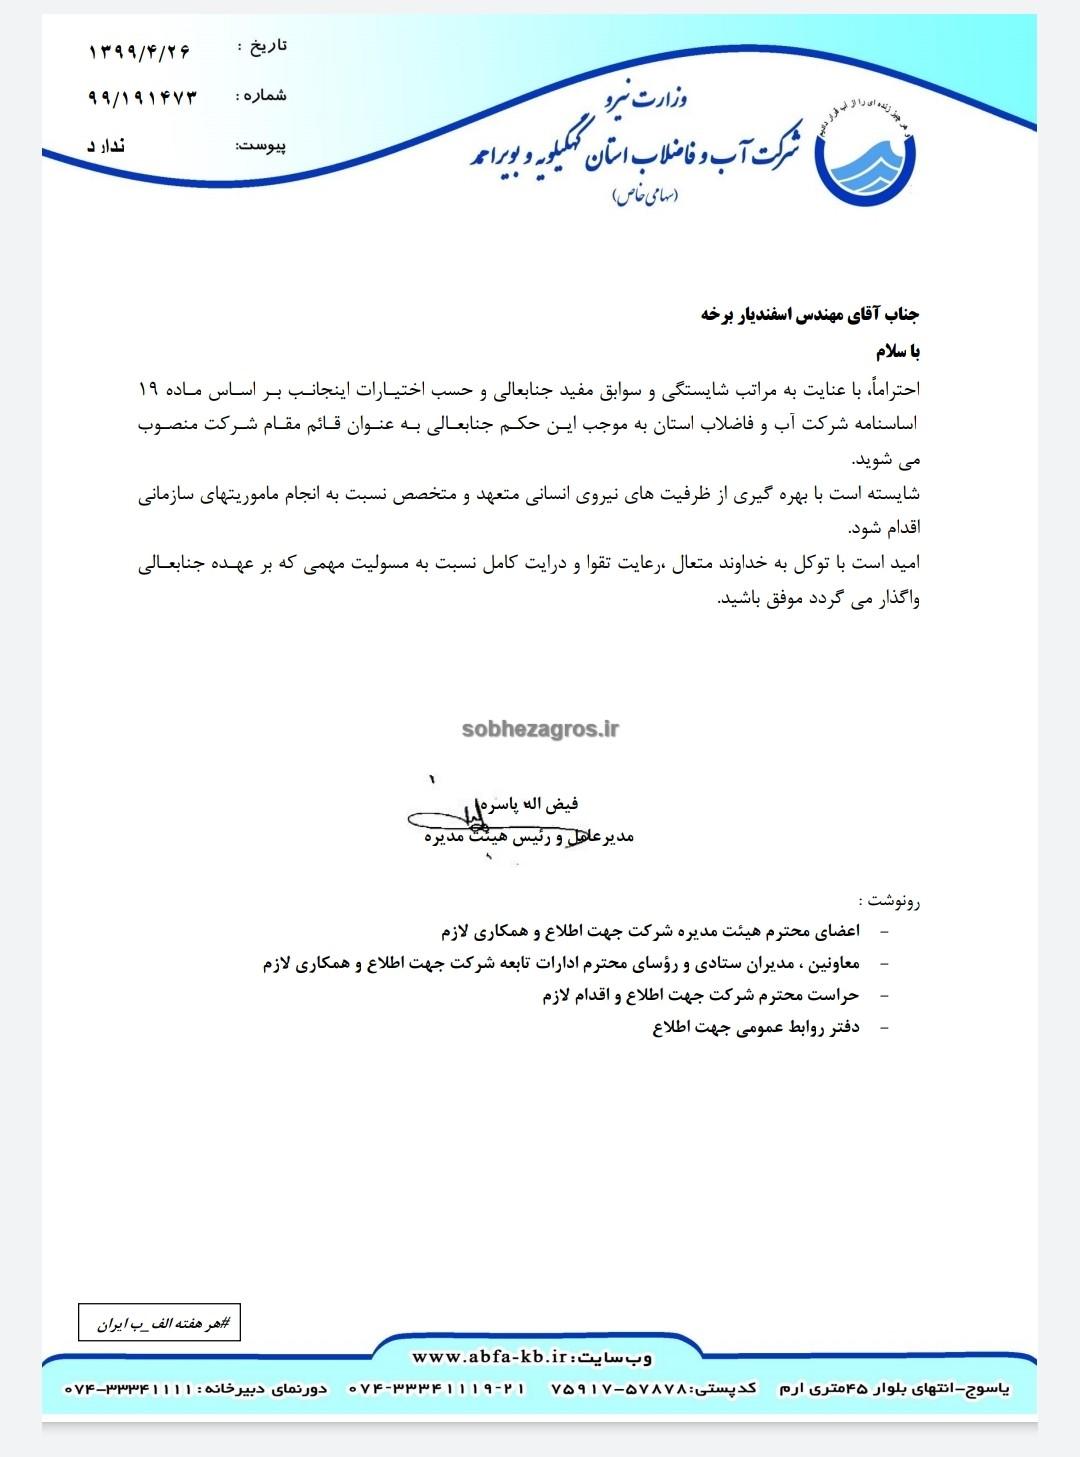 شهردار مستعفی دهدشت قائم مقام آبفای کهگیلویه و بویراحمد شد + تصویر حکم